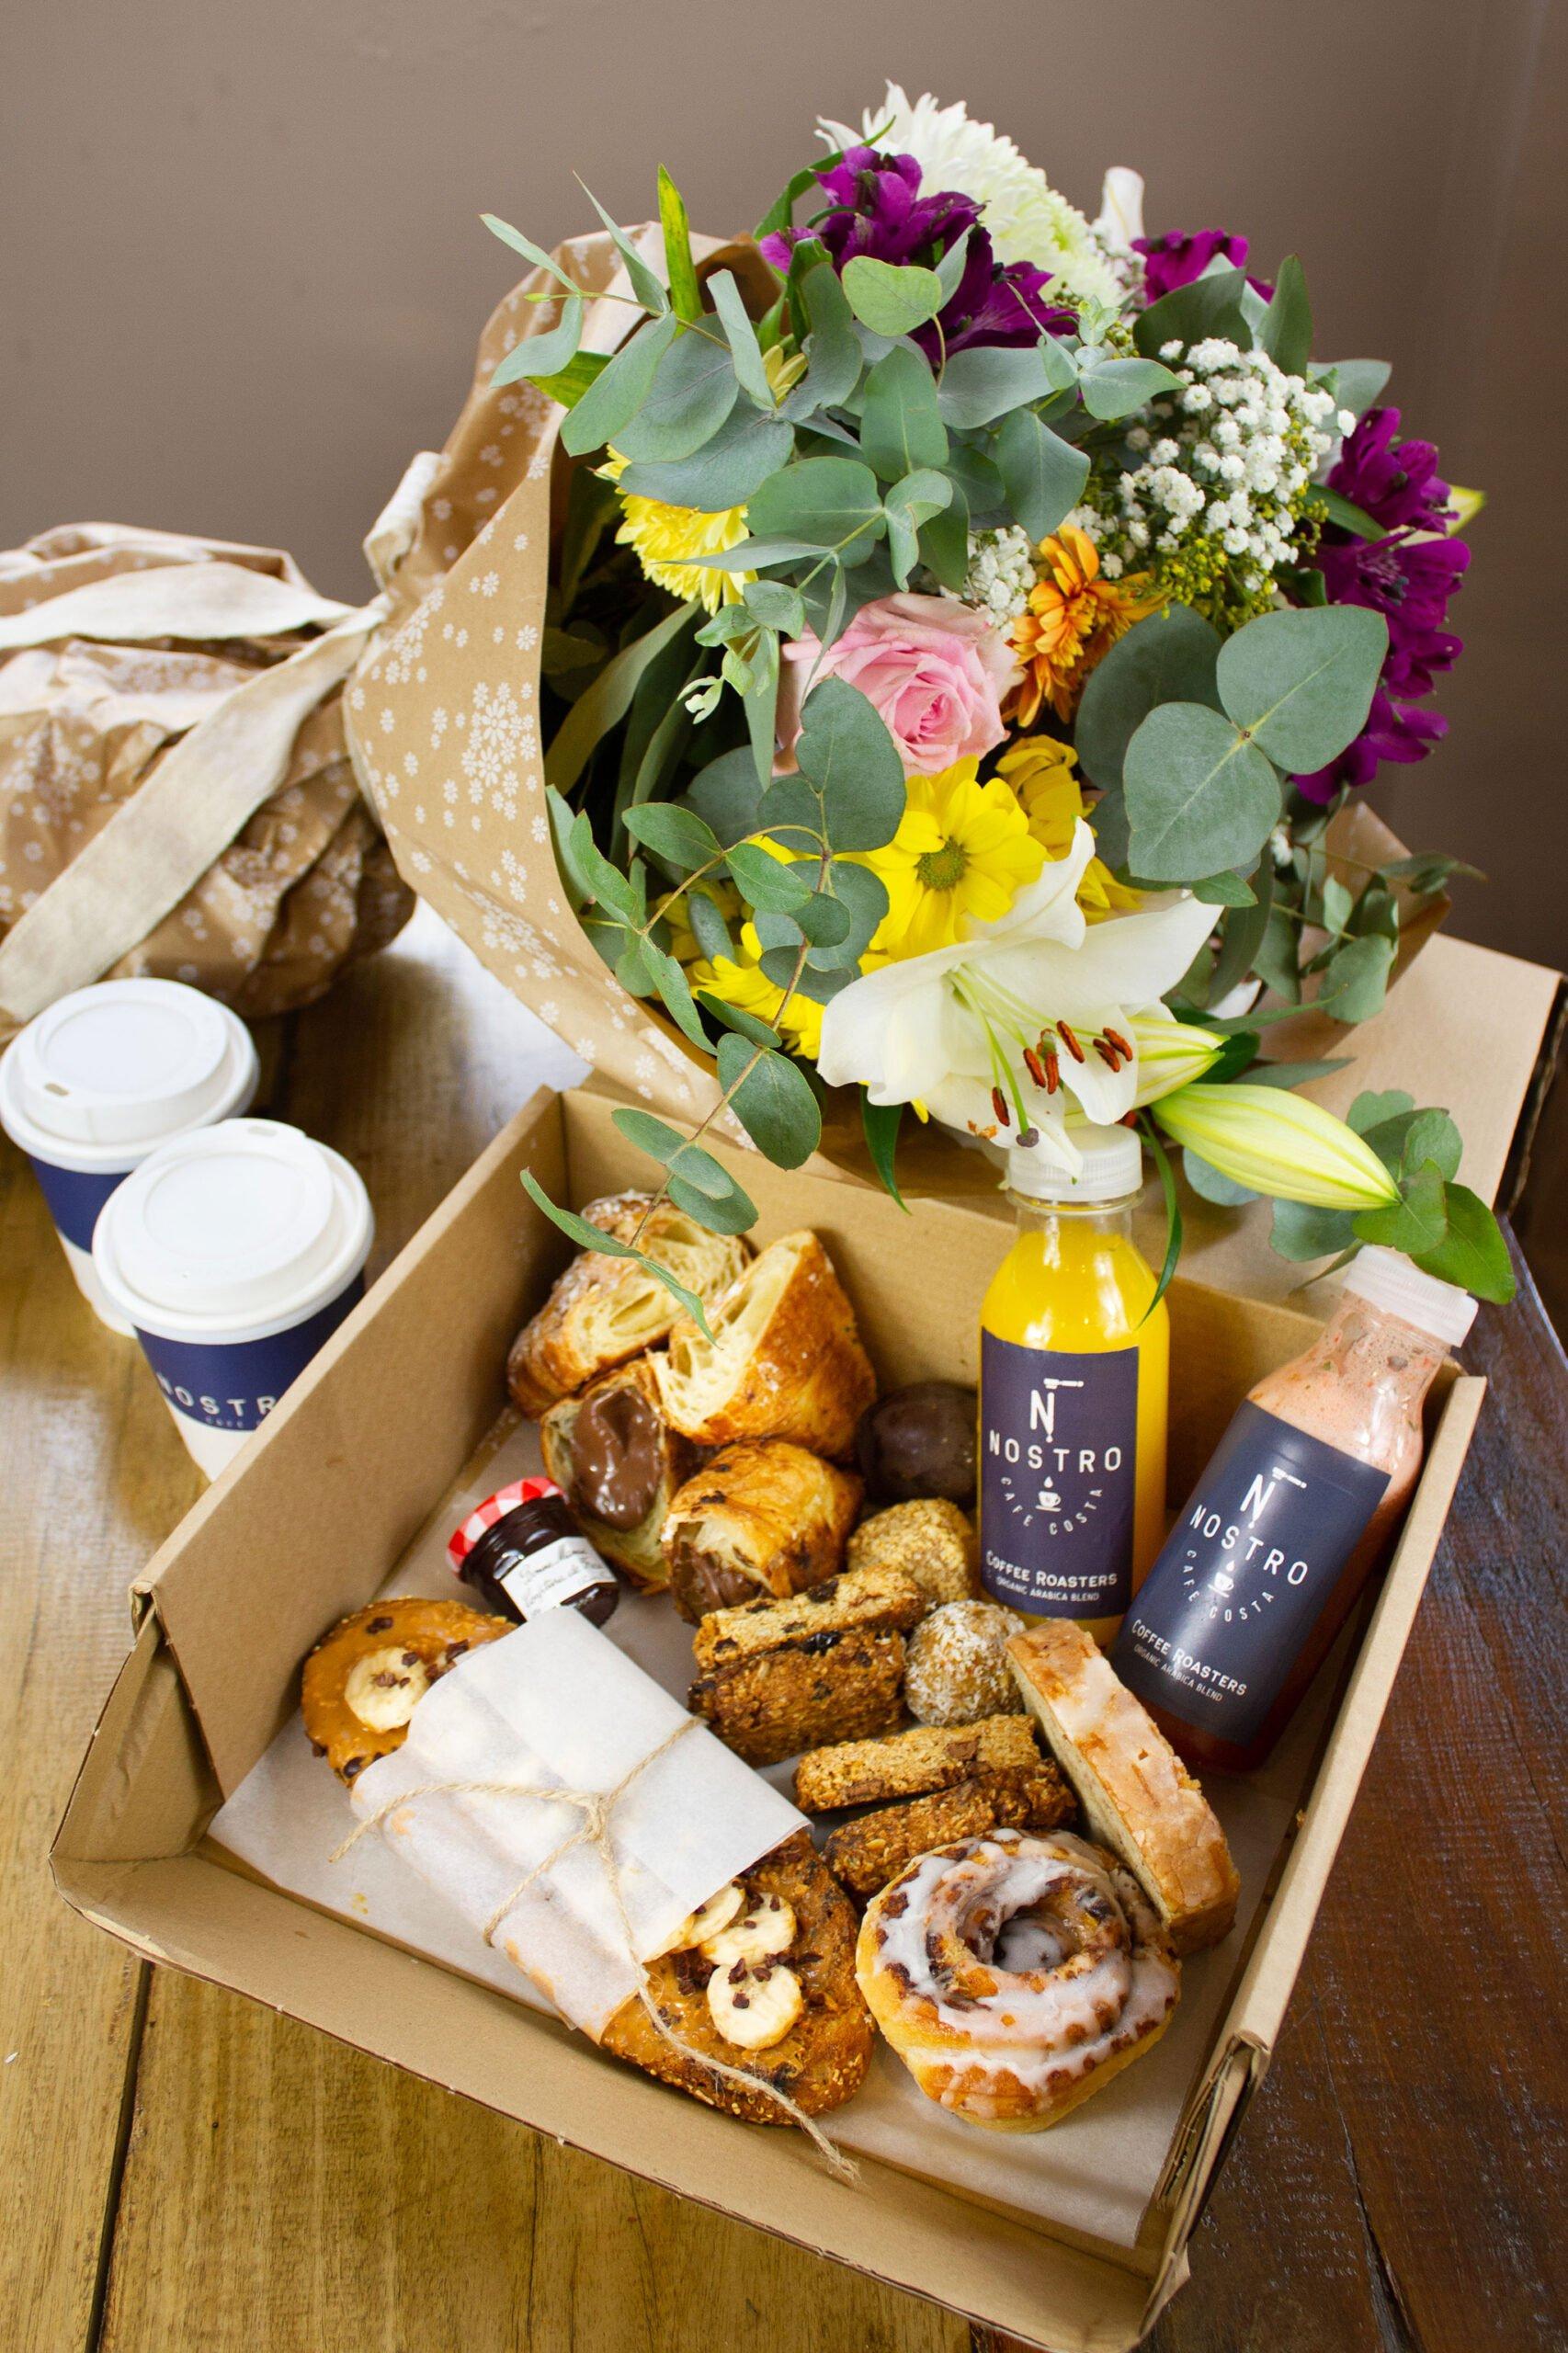 Caja de desayuno y flores – Nostro Café Costa